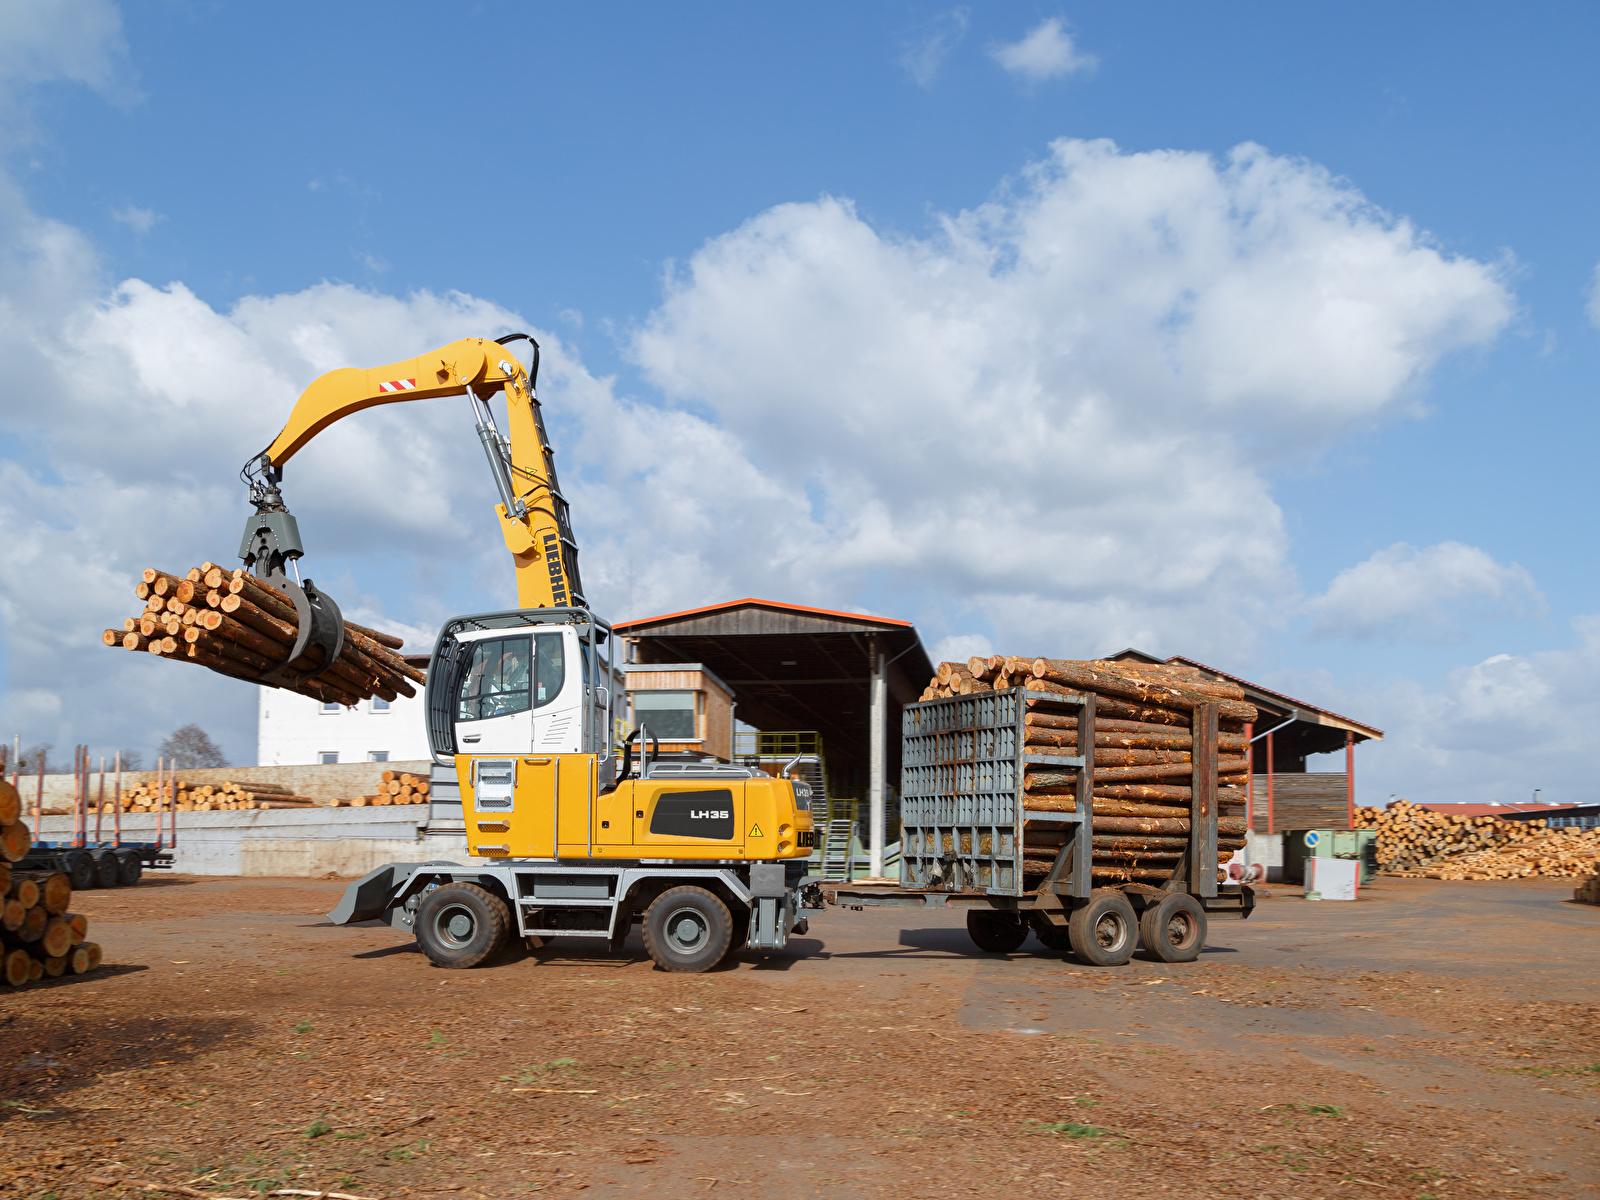 Обои для рабочего стола Форвардер 2015-17 Liebherr LH 35 M Timber Litronic Бревна 1600x1200 бревно